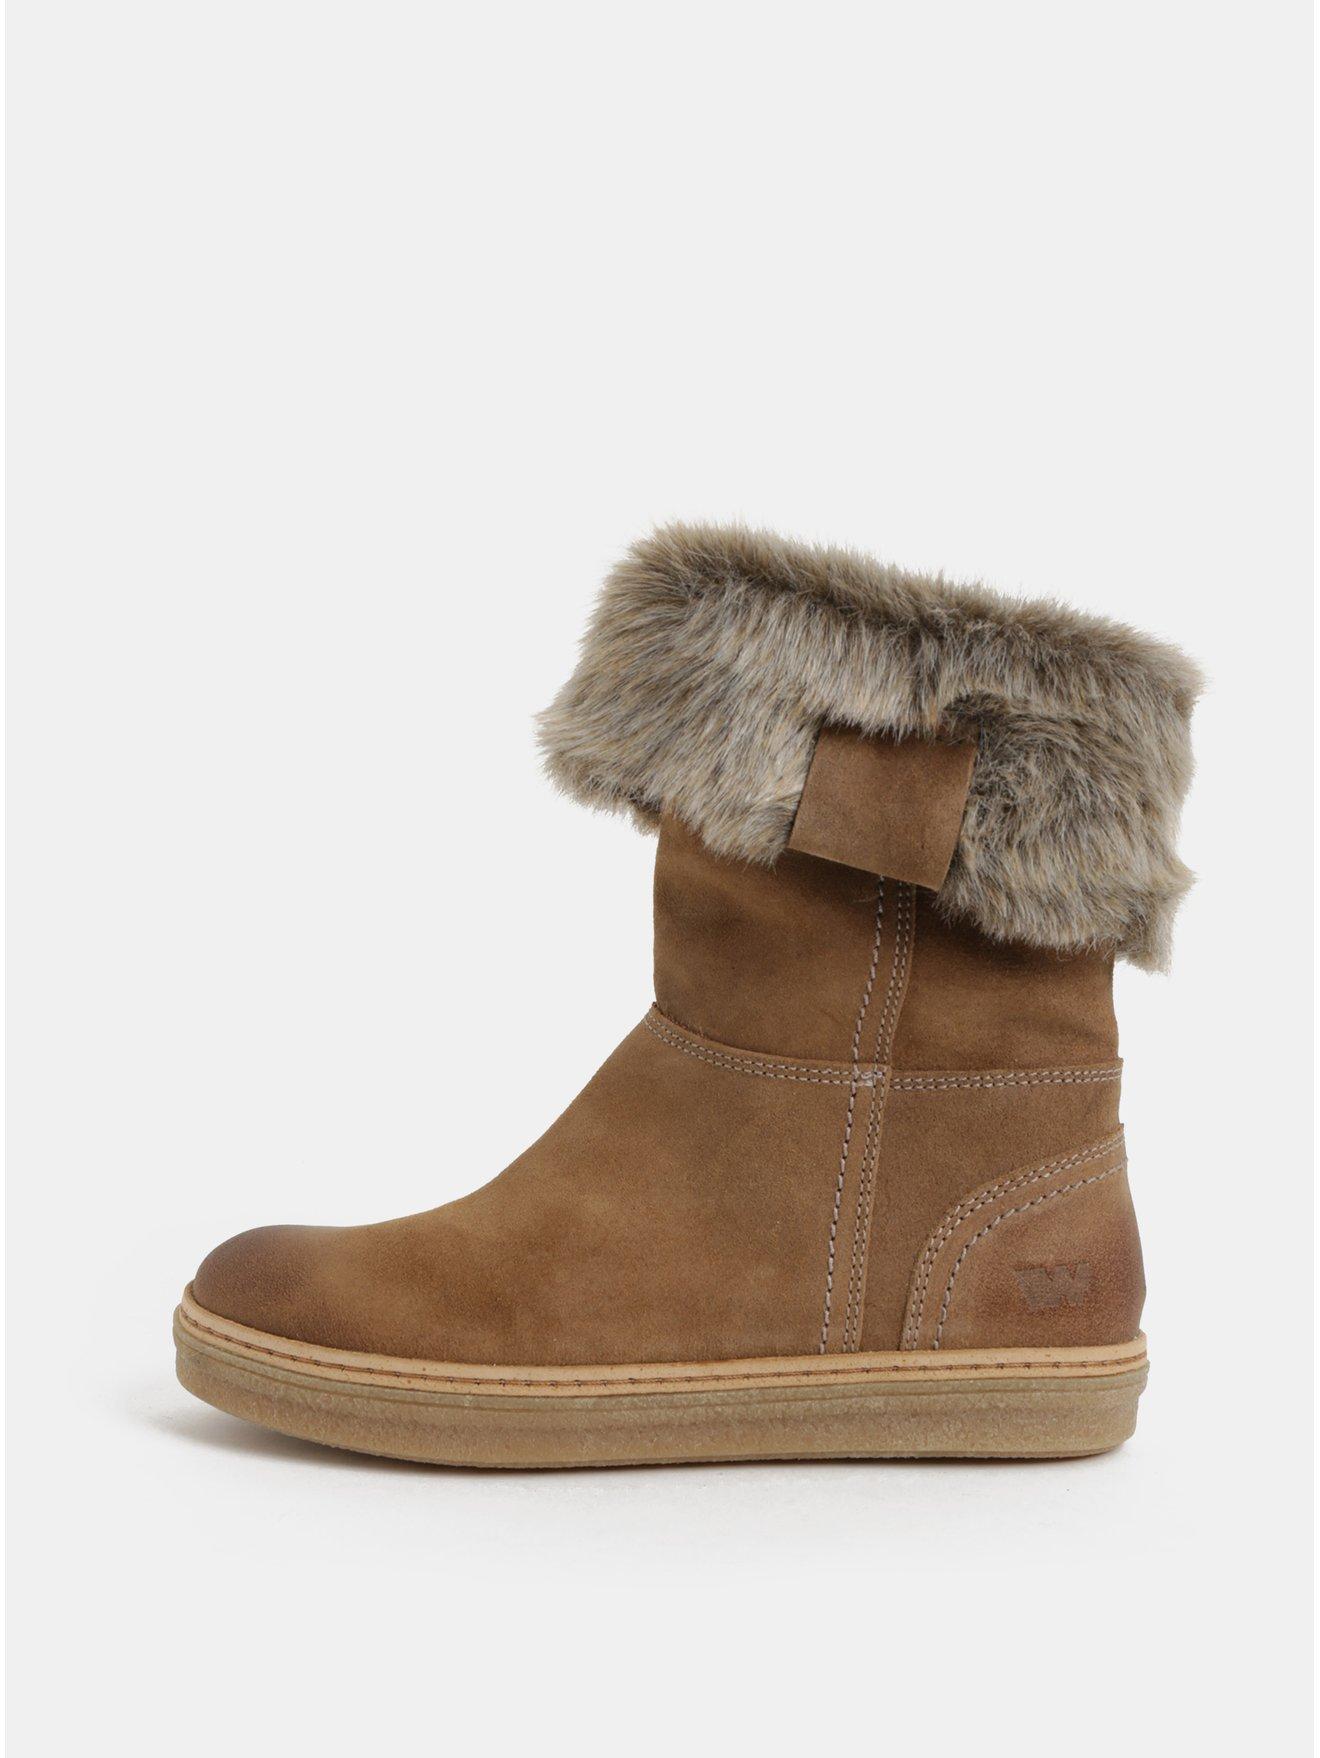 ab402c1e9b9 Světle hnědé dámské semišové kotníkové zimní boty s umělým kožíškem  Weinbrenner